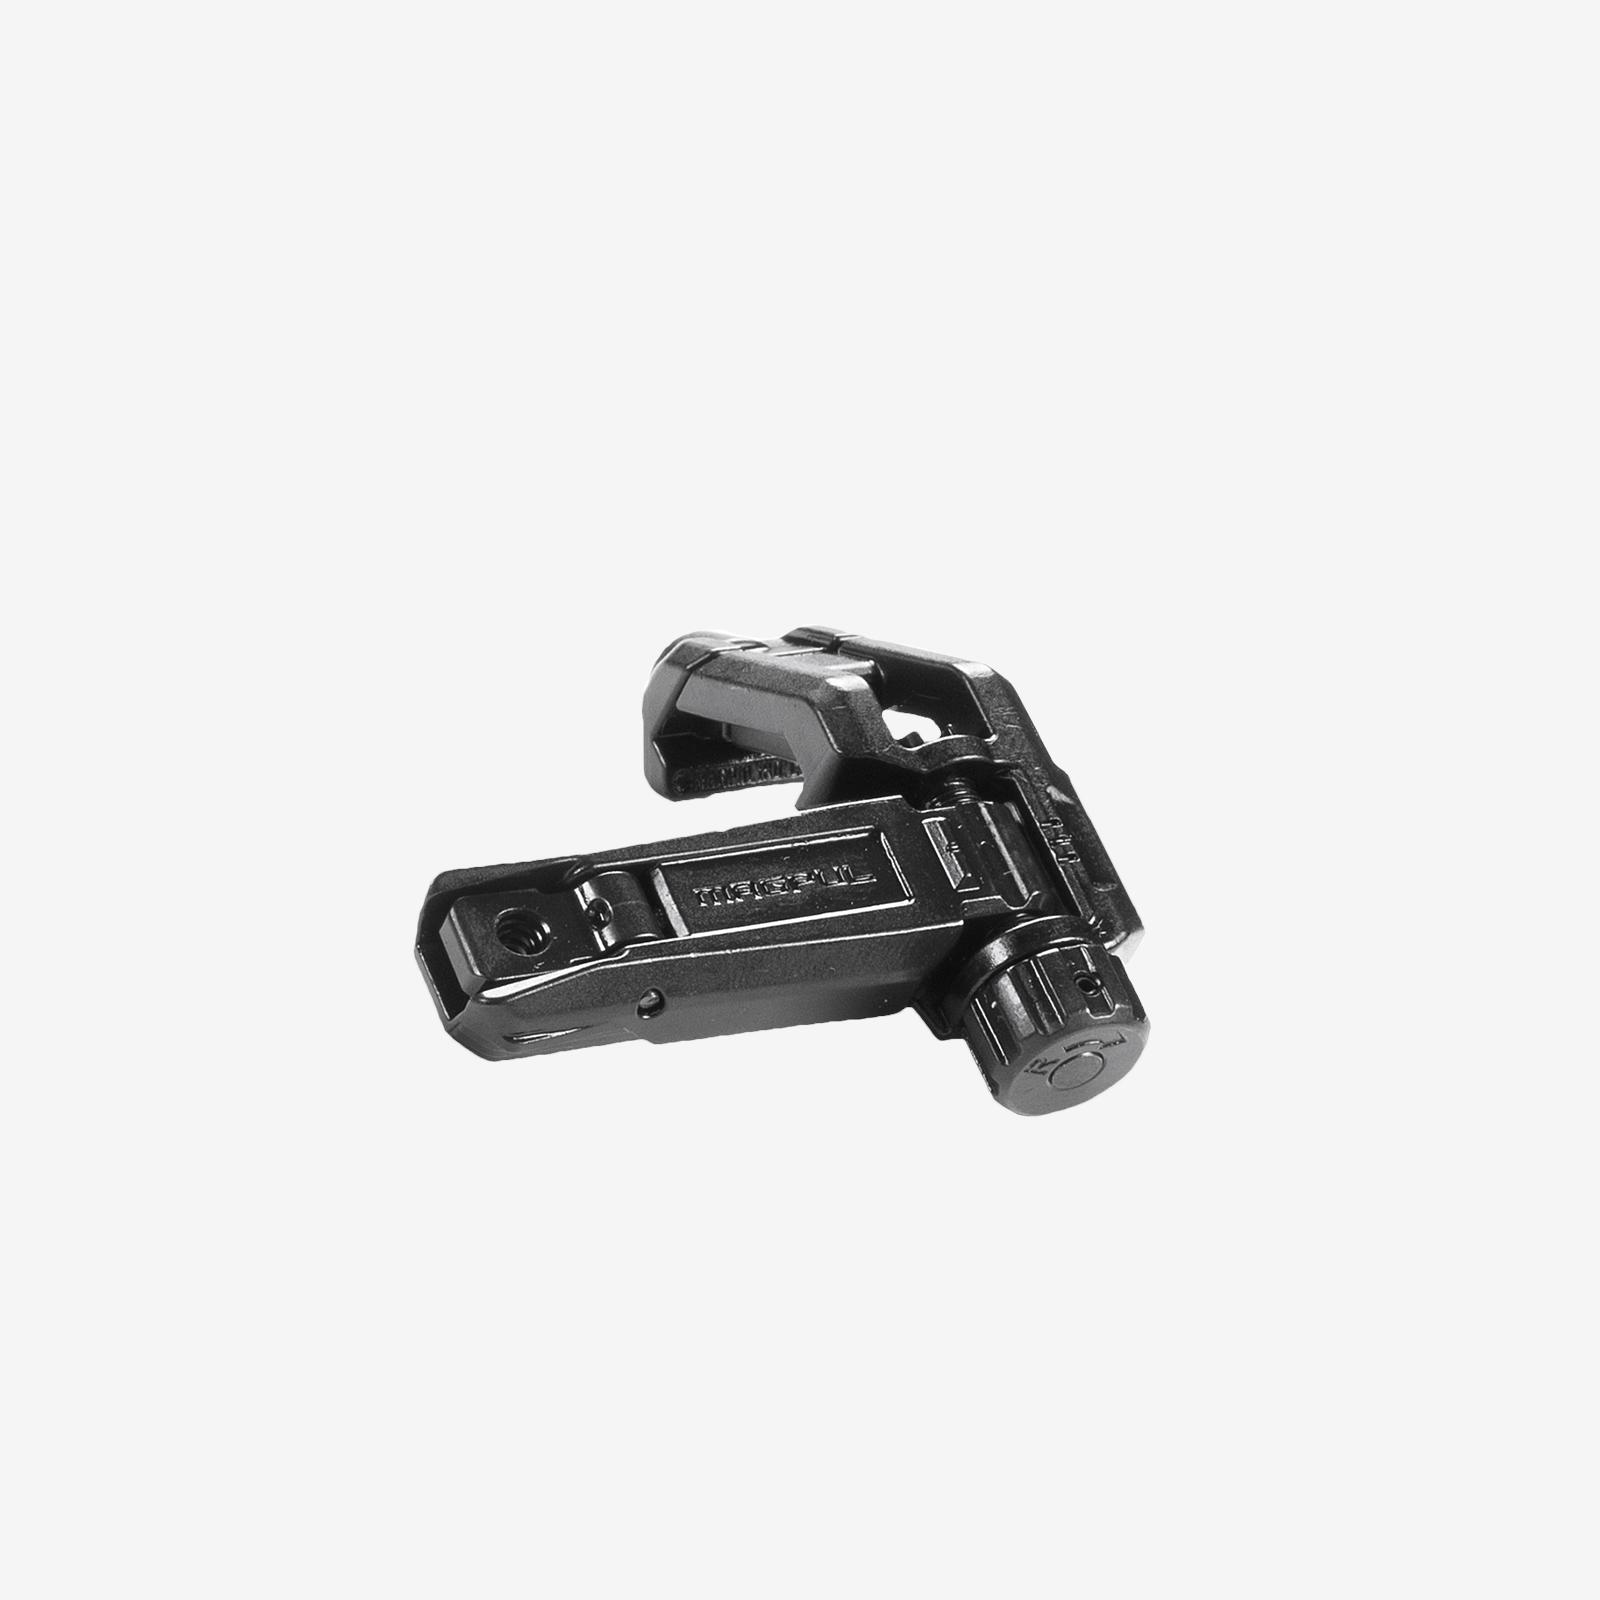 Целик складной сбоку от планки Weaver MBUS®ProOffsetSight-Rear